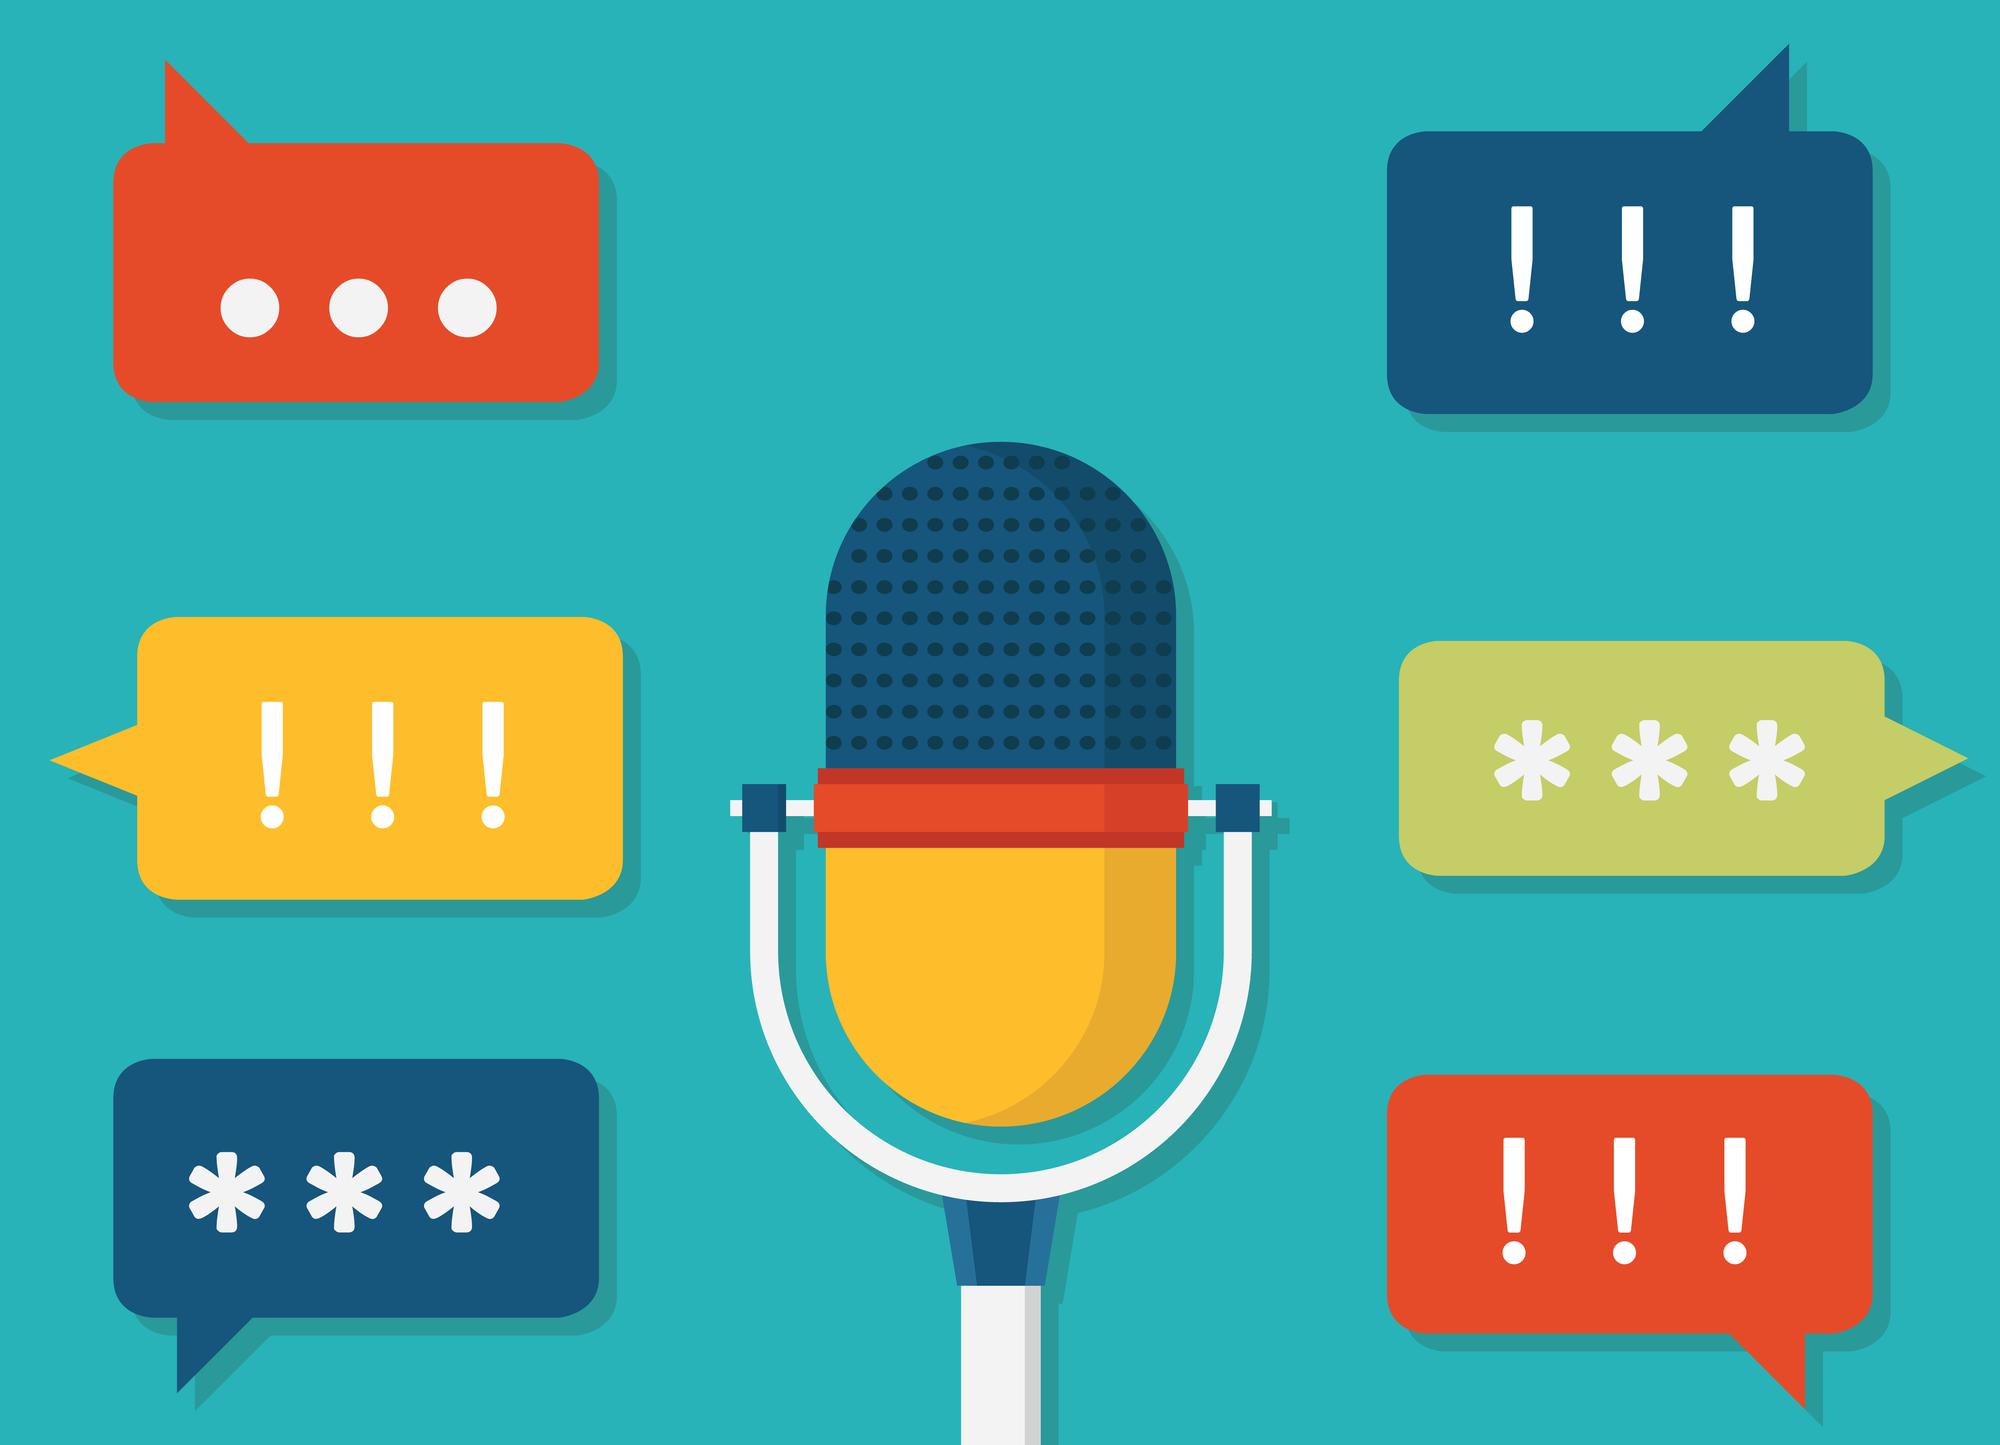 【とても簡単】WordPressの音声コンテンツアップ方法【パソコン】